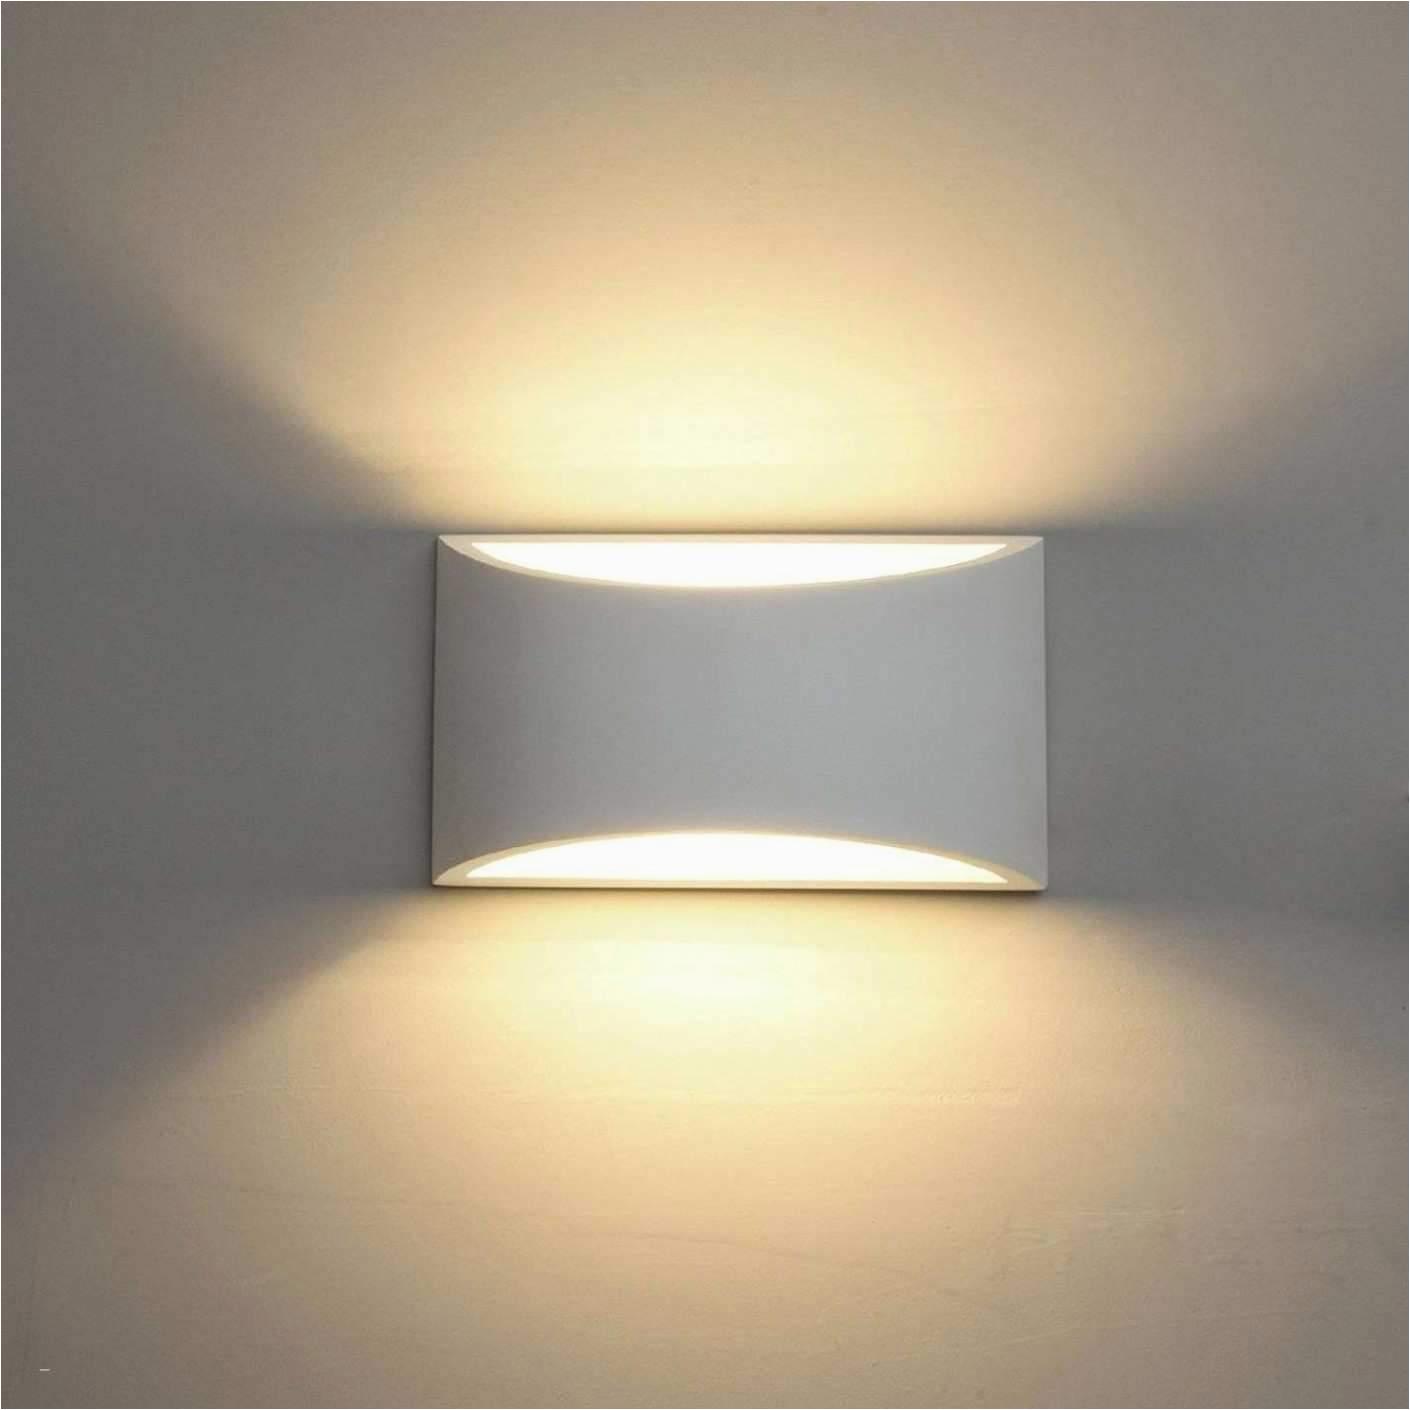 Schlafzimmer Lampen Obi 32 Schön Deckenlampe Wohnzimmer Dimmbar Elegant